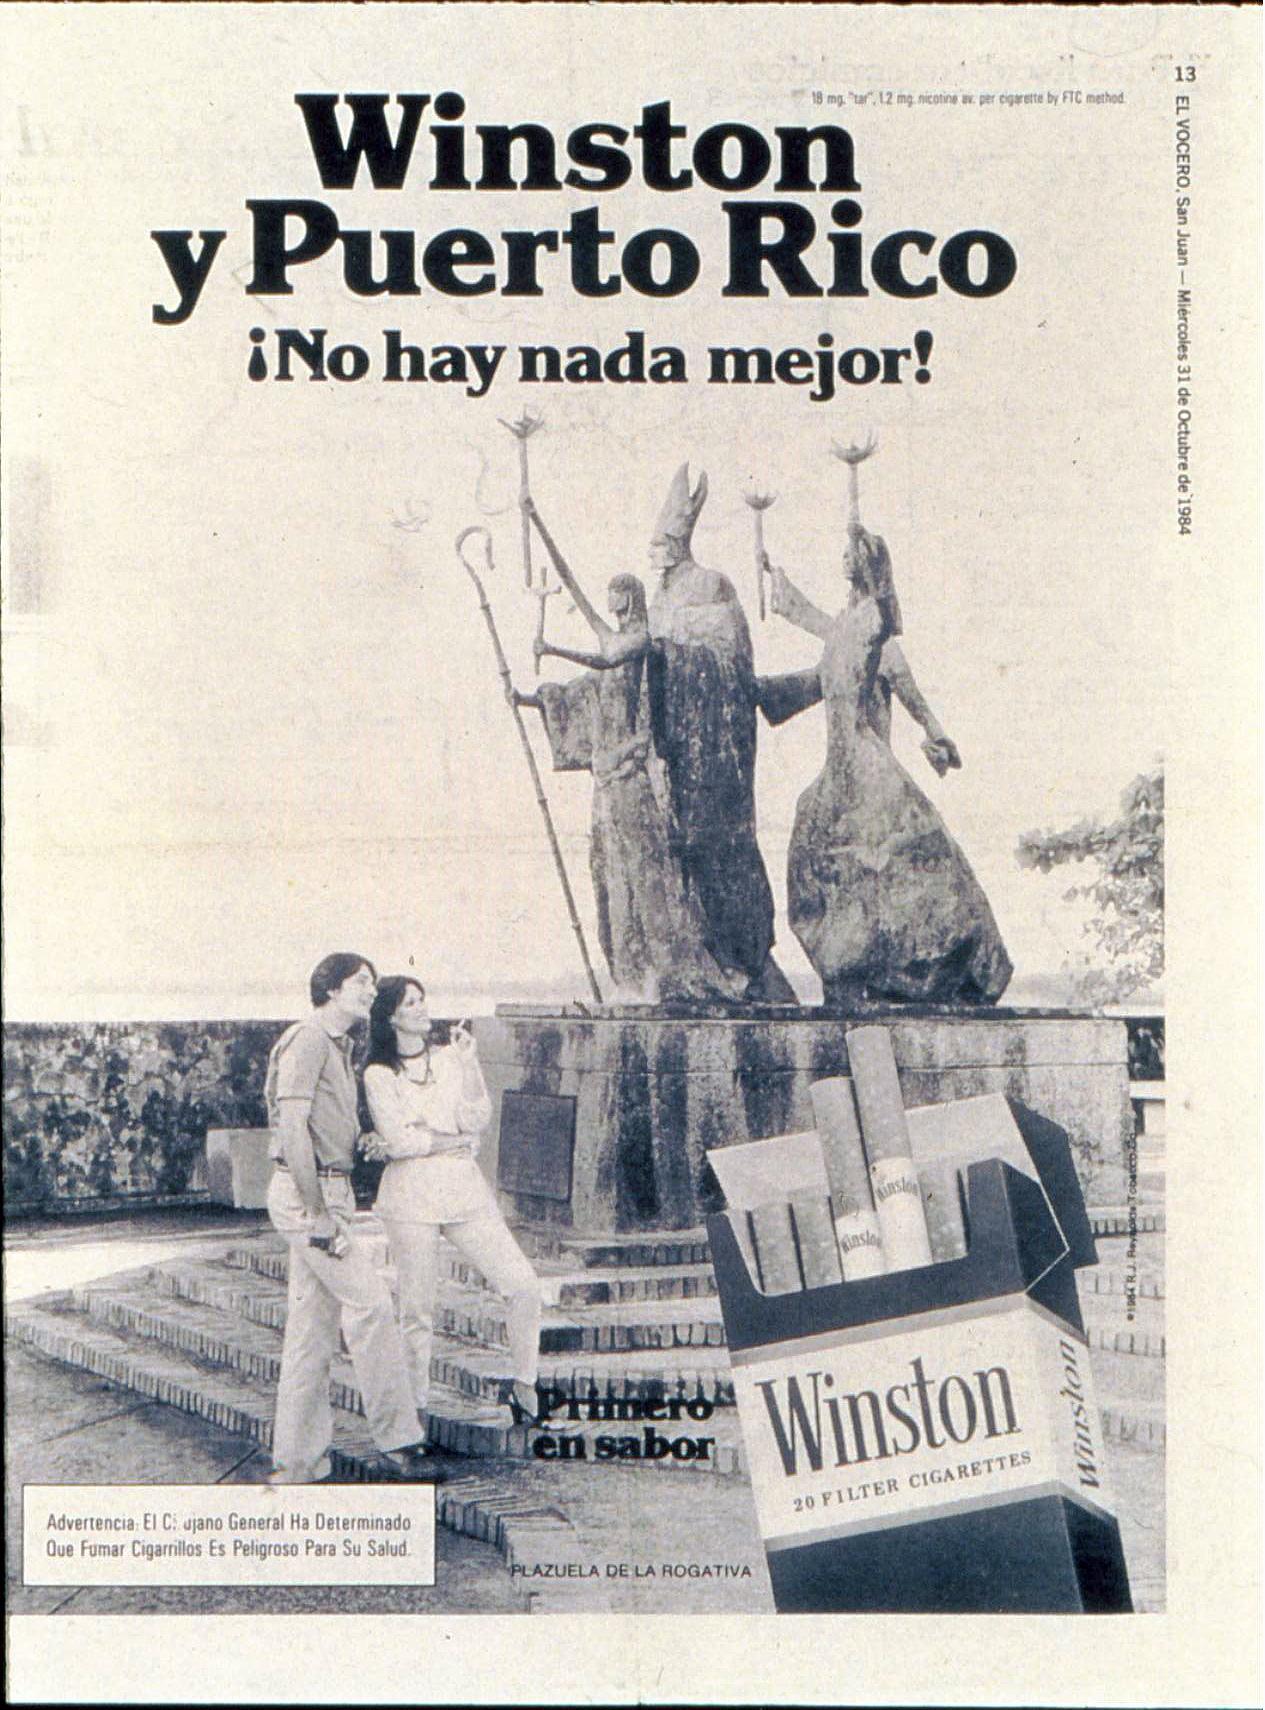 1984 10 31 El Vocero Winston Ad Spanish